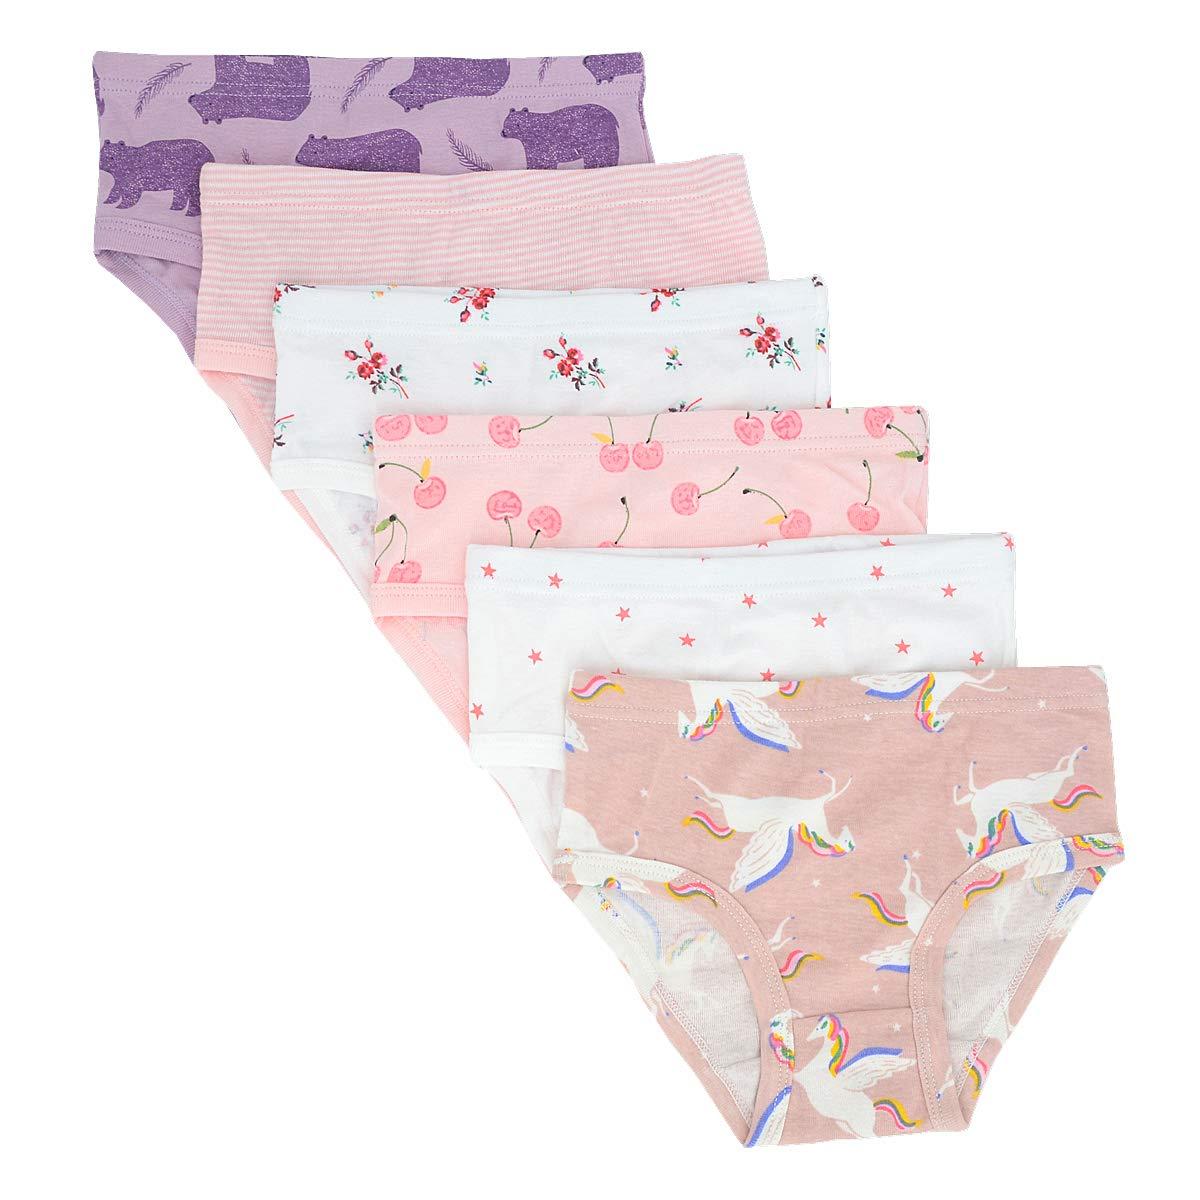 muyan Baby Soft Cotton Underwear Little GirlsBriefs Toddler Undies Pack of 6